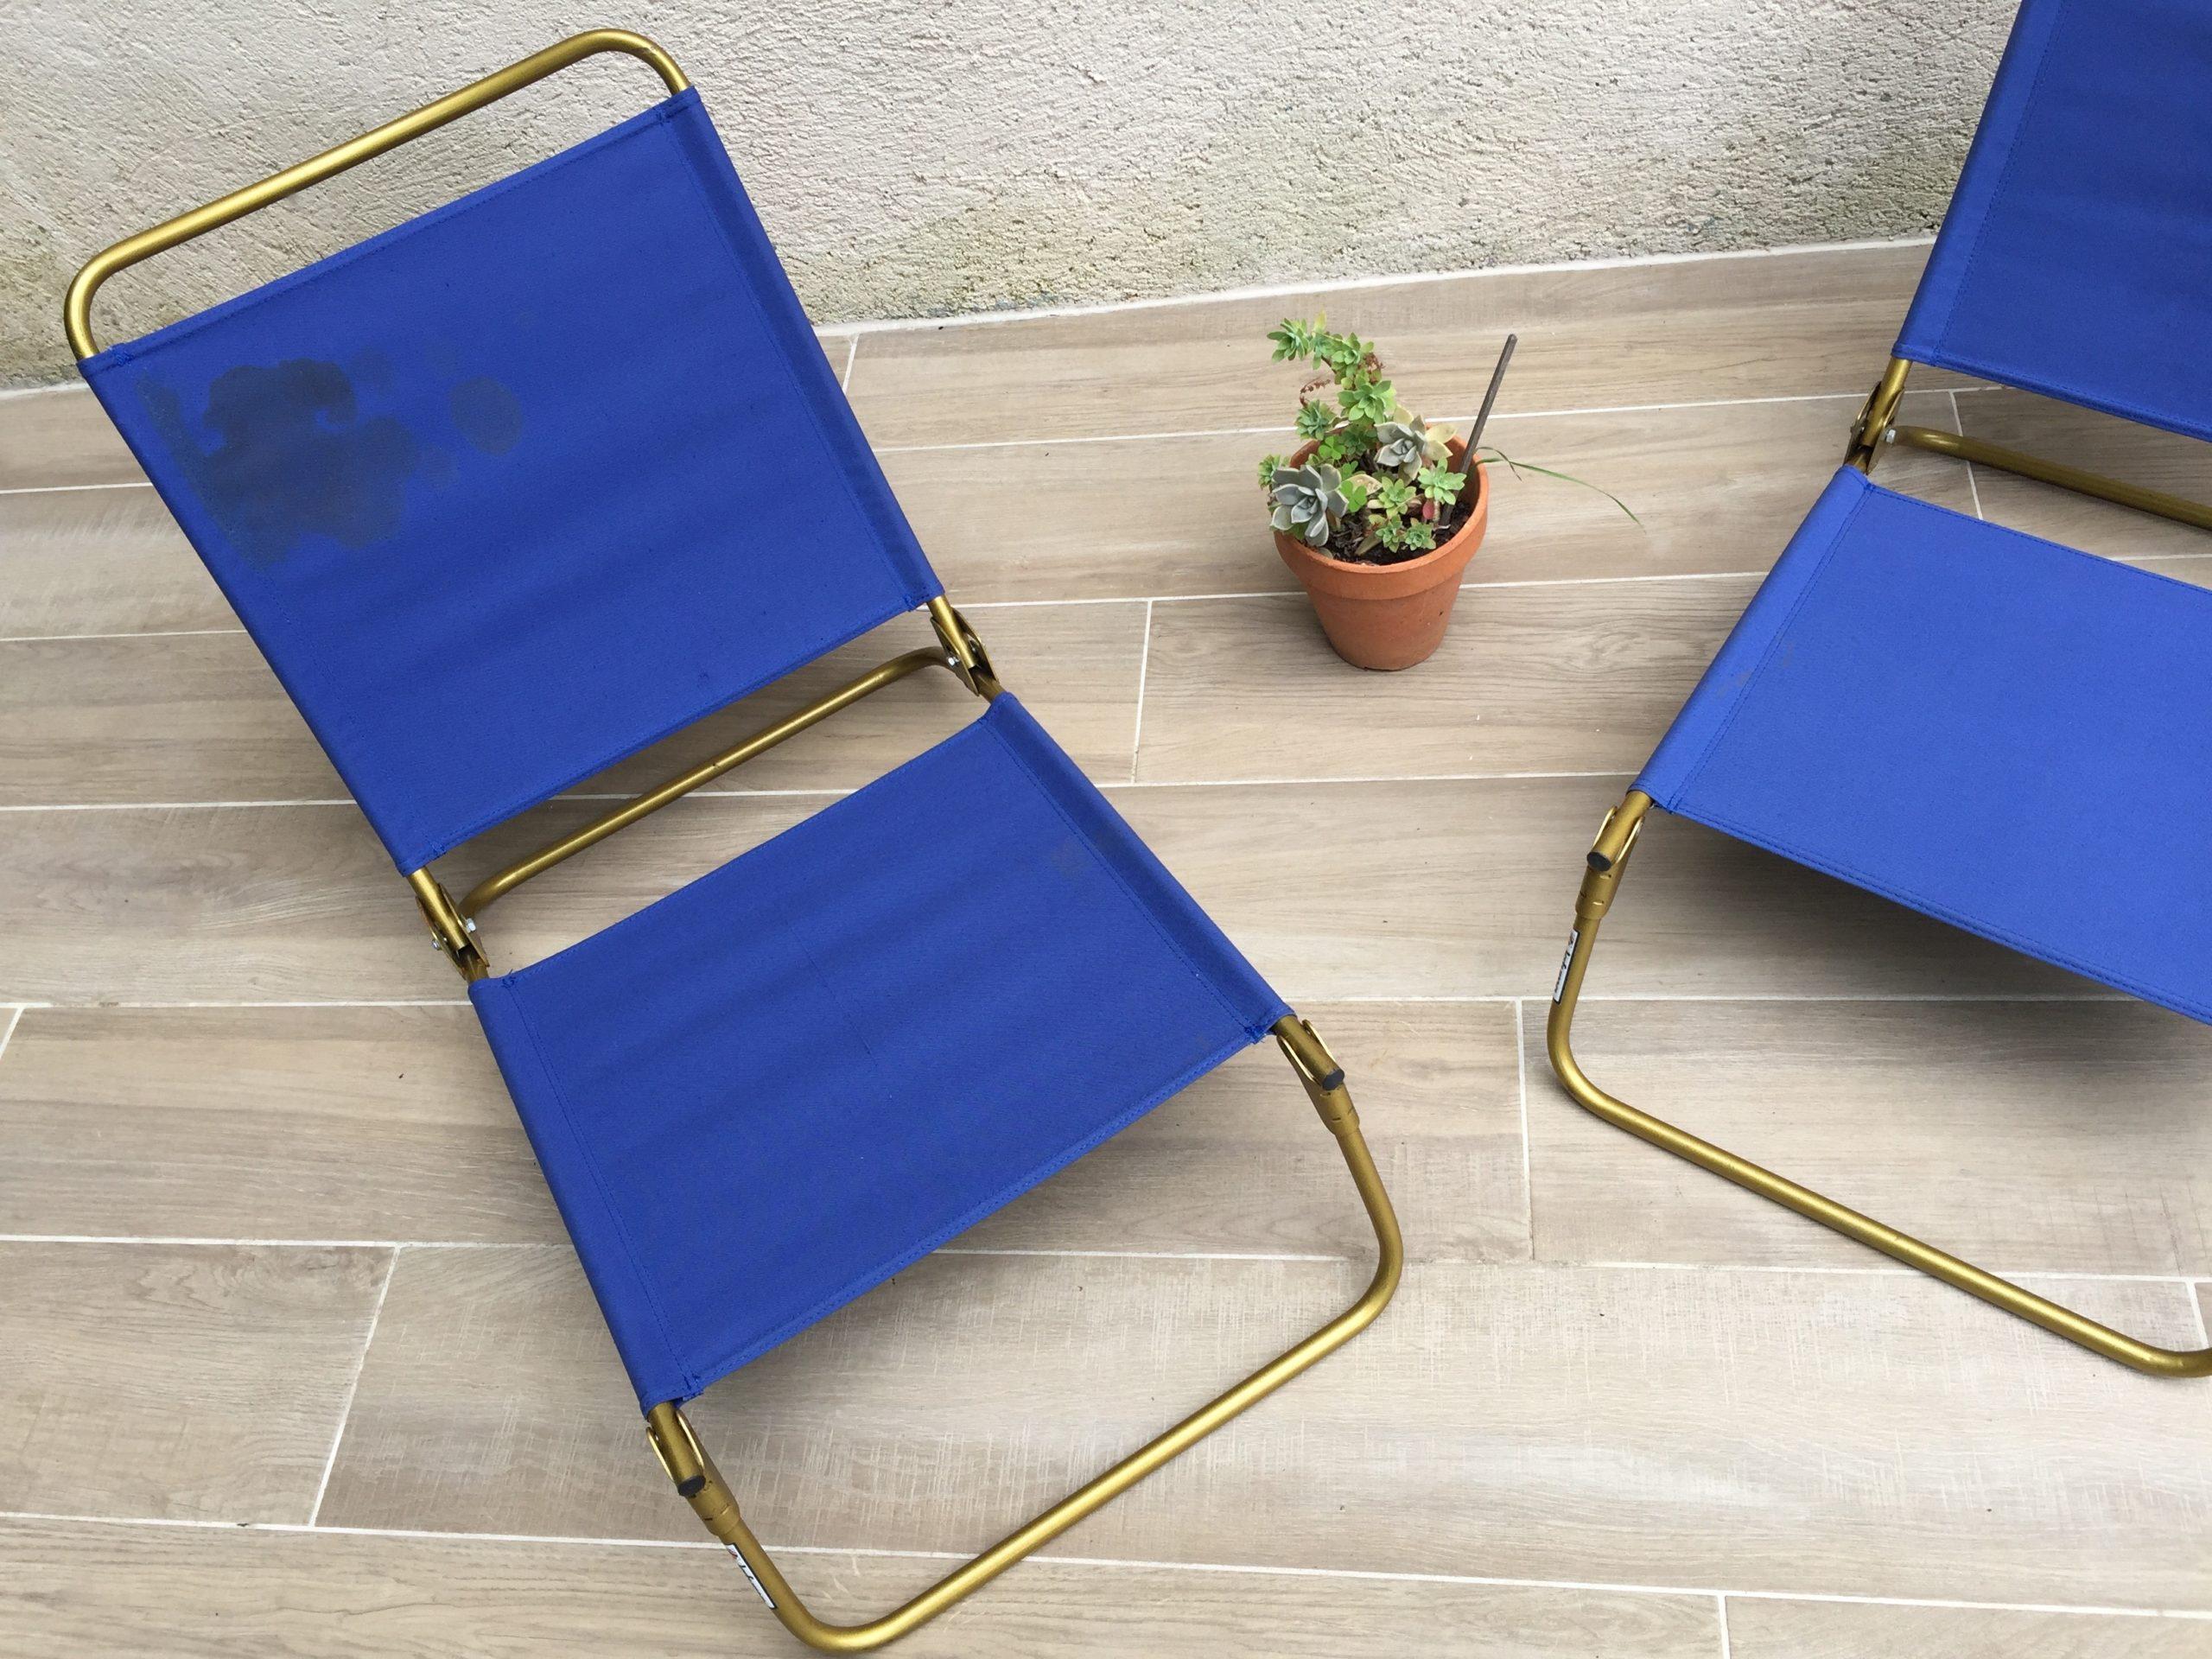 paire de fauteuils pliants de plage